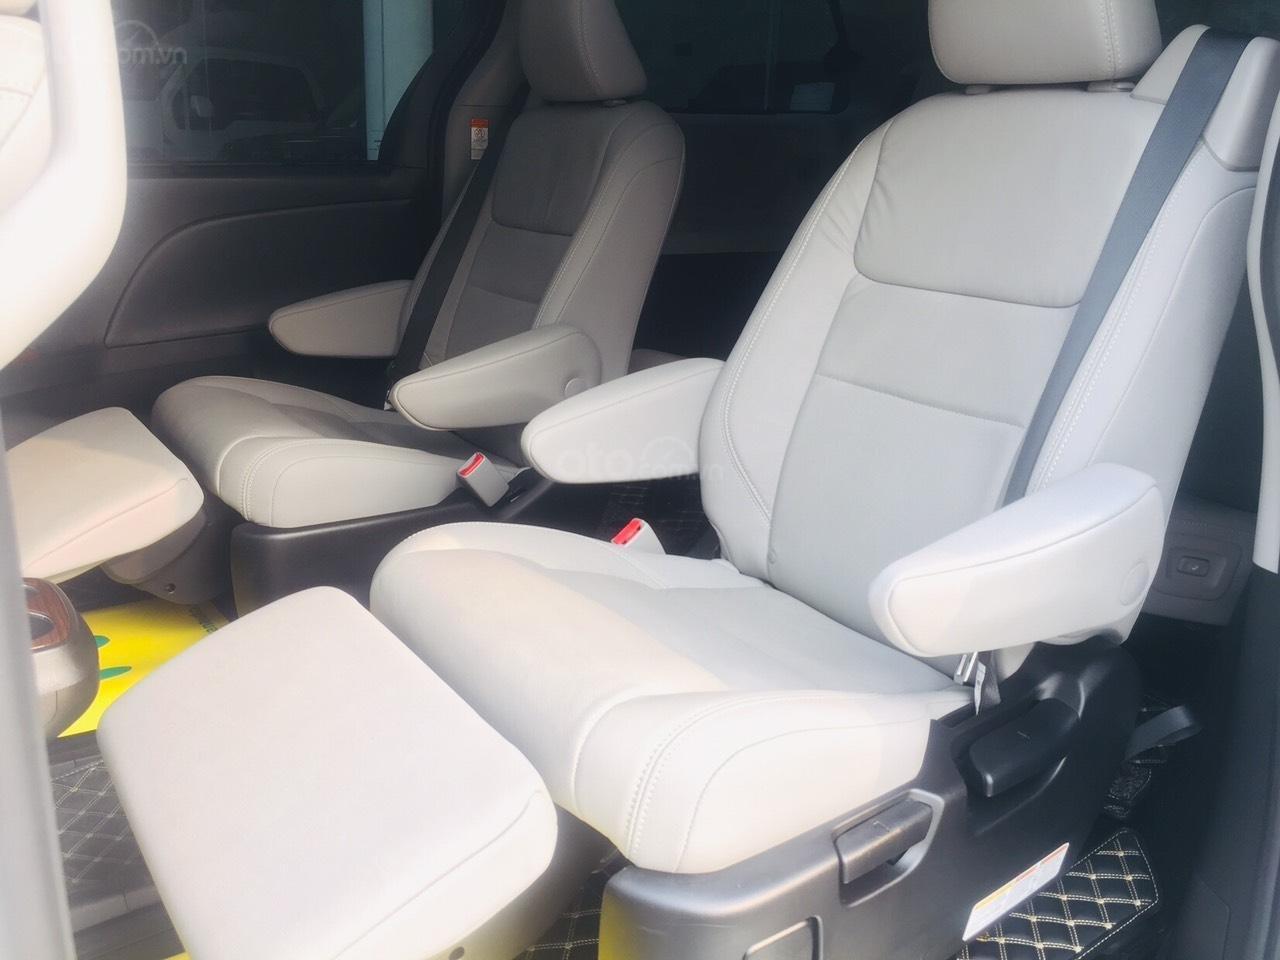 Bán Toyota Sienna Limited 2020 1 cầu, LH Ms Ngọc Vy giá tốt, giao ngay toàn quốc (10)